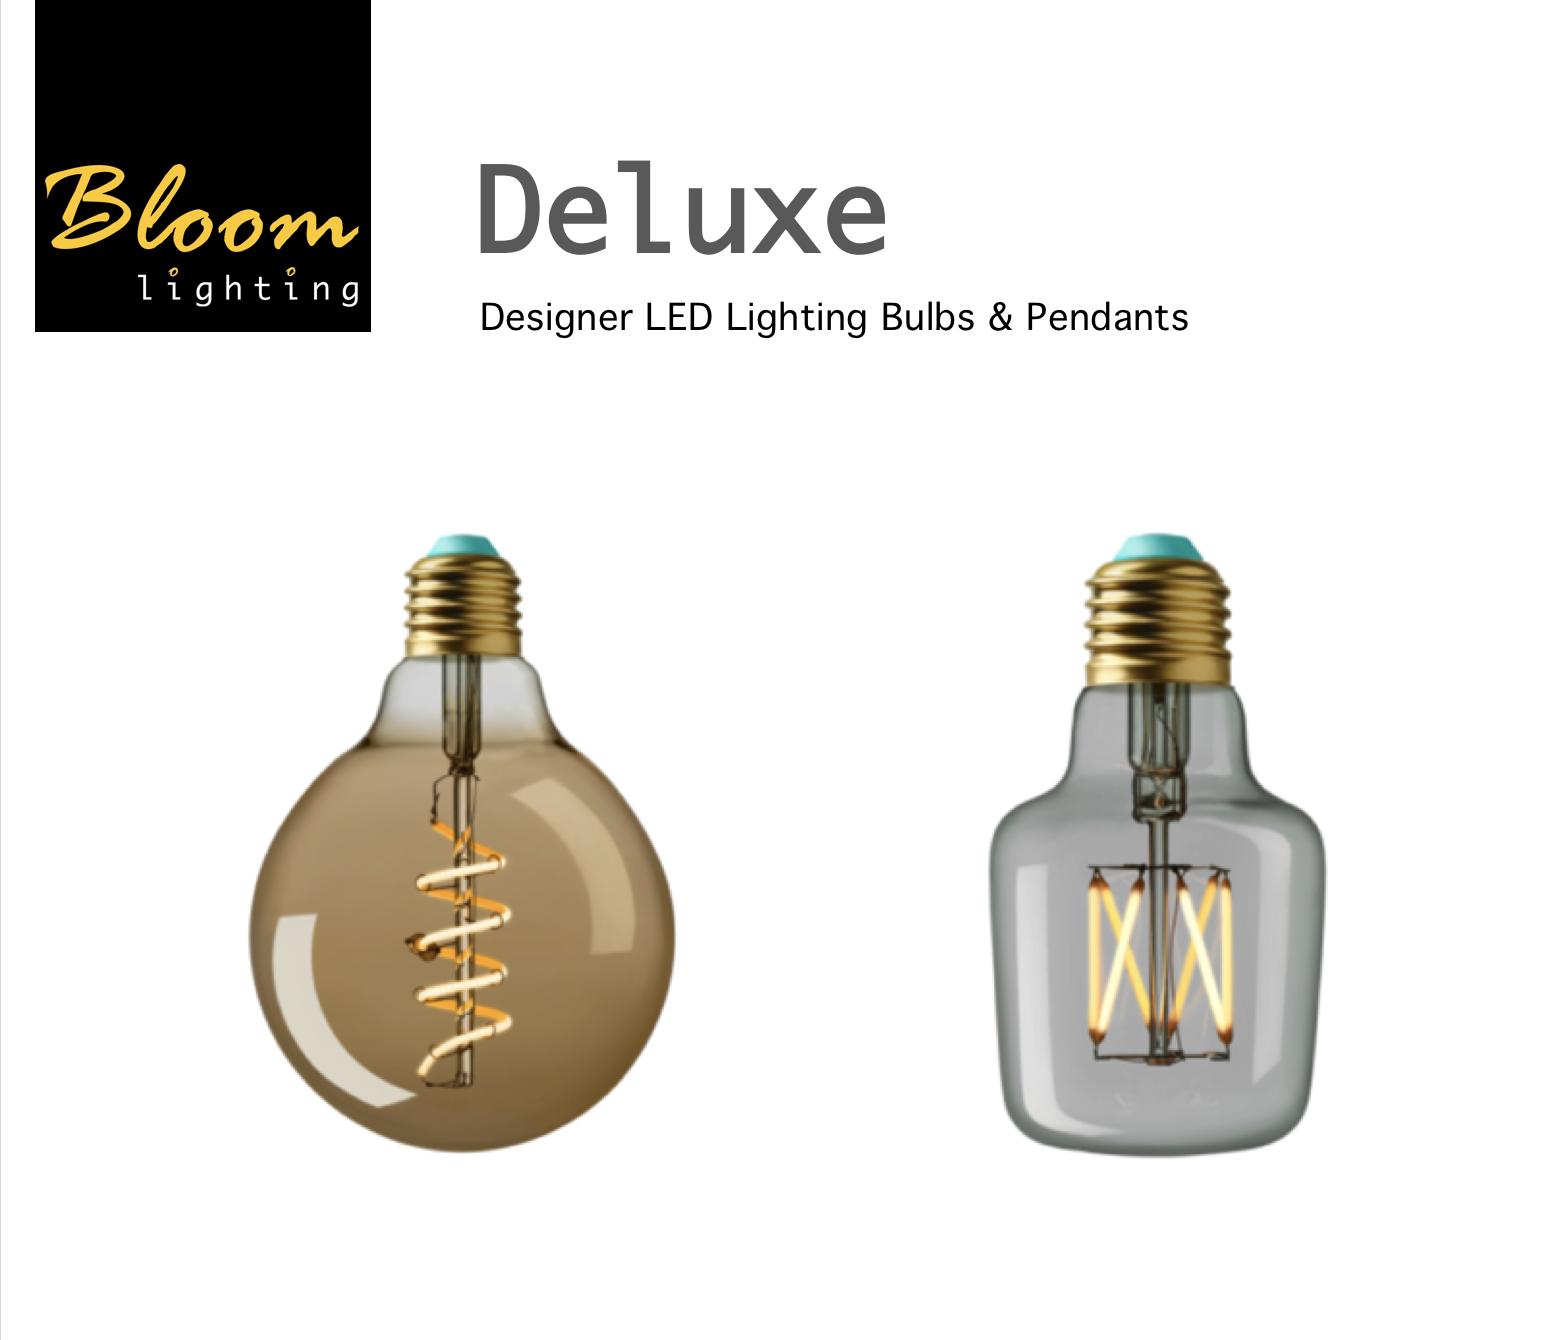 Bloom Deluxe